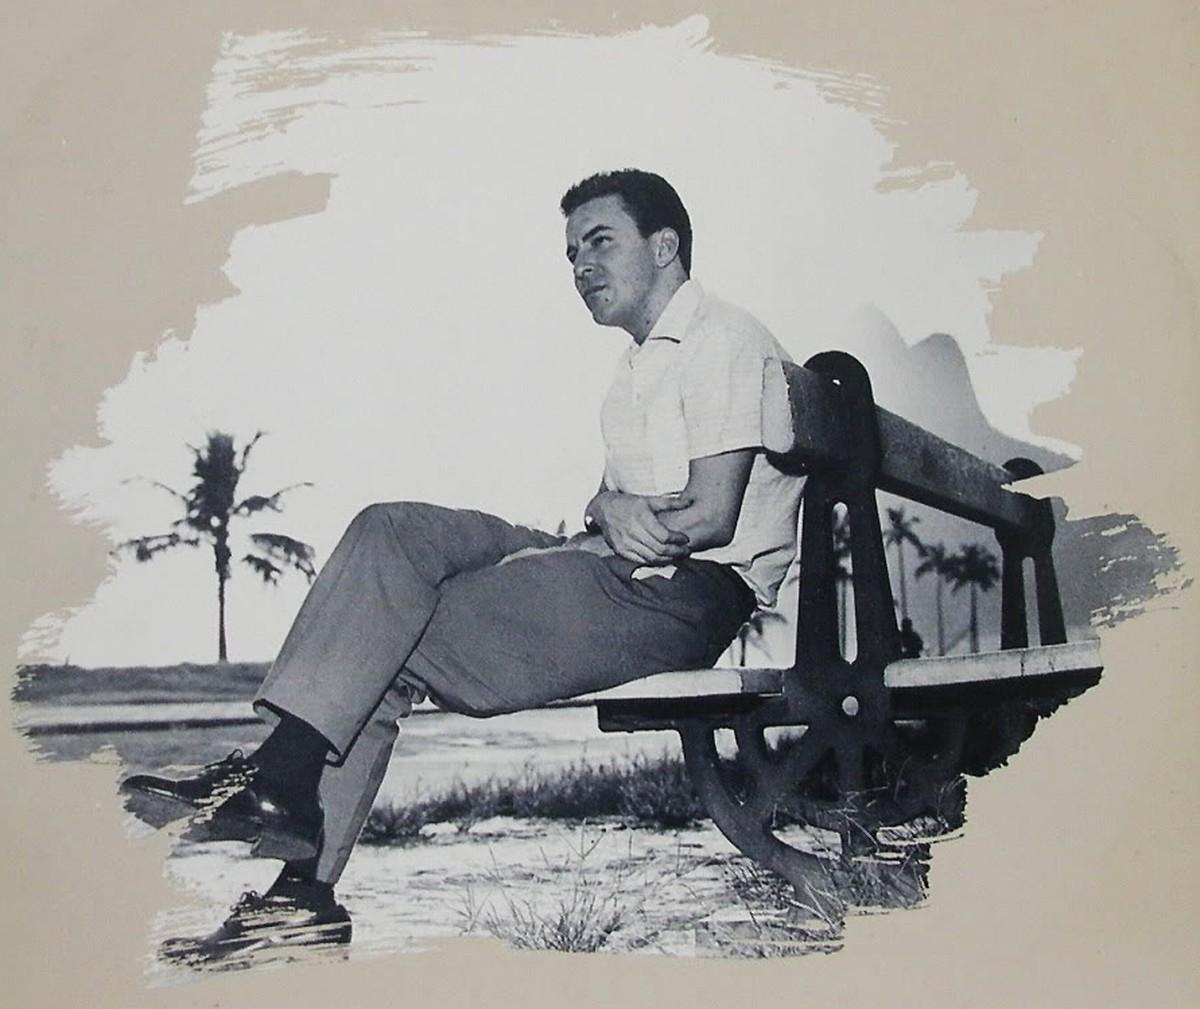 João Gilberto, eternizado pela bossa que nunca envelhece, tem os 90 anos celebrados em álbum coletivo com gravações inéditas